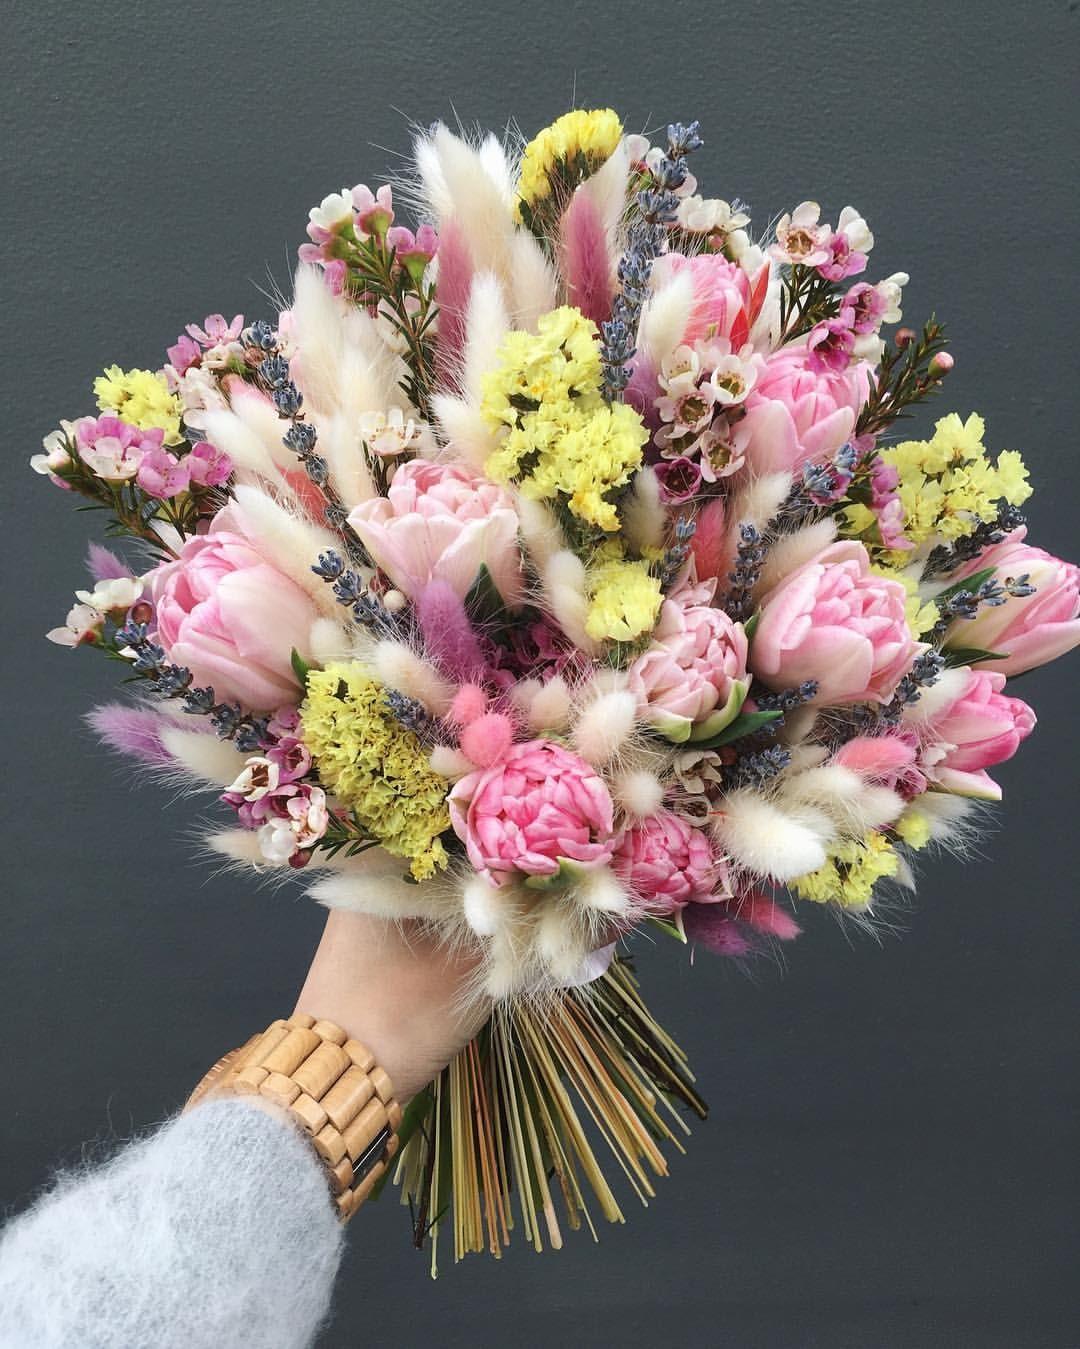 букеты цветов фото красивые креативные фанеру